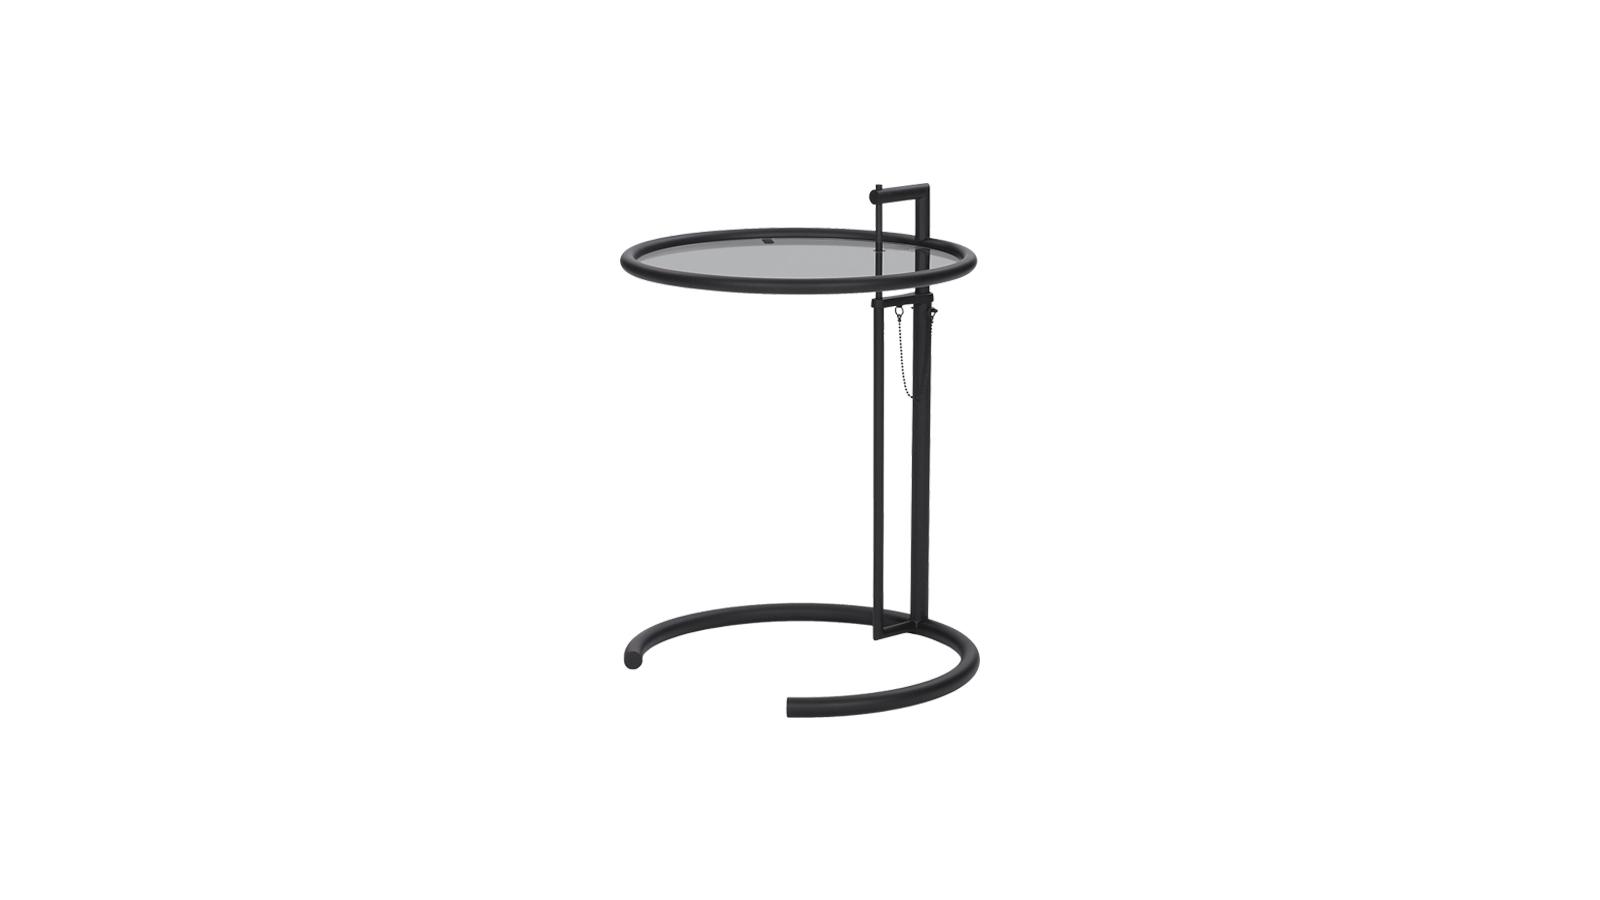 Egy igazi klasszikus, mely alighanem a legismertebb lerakóasztal a designtörténelemben: ez az E 1027, az Eileen Gray által saját maga számára tervezett darab. Az állítható magasságú, többféle színű szerkezettel és lerakófelületekkel elérhető darab a modern design egyik jelképe, mely a mai enteriőrökben is kiválóan működik.